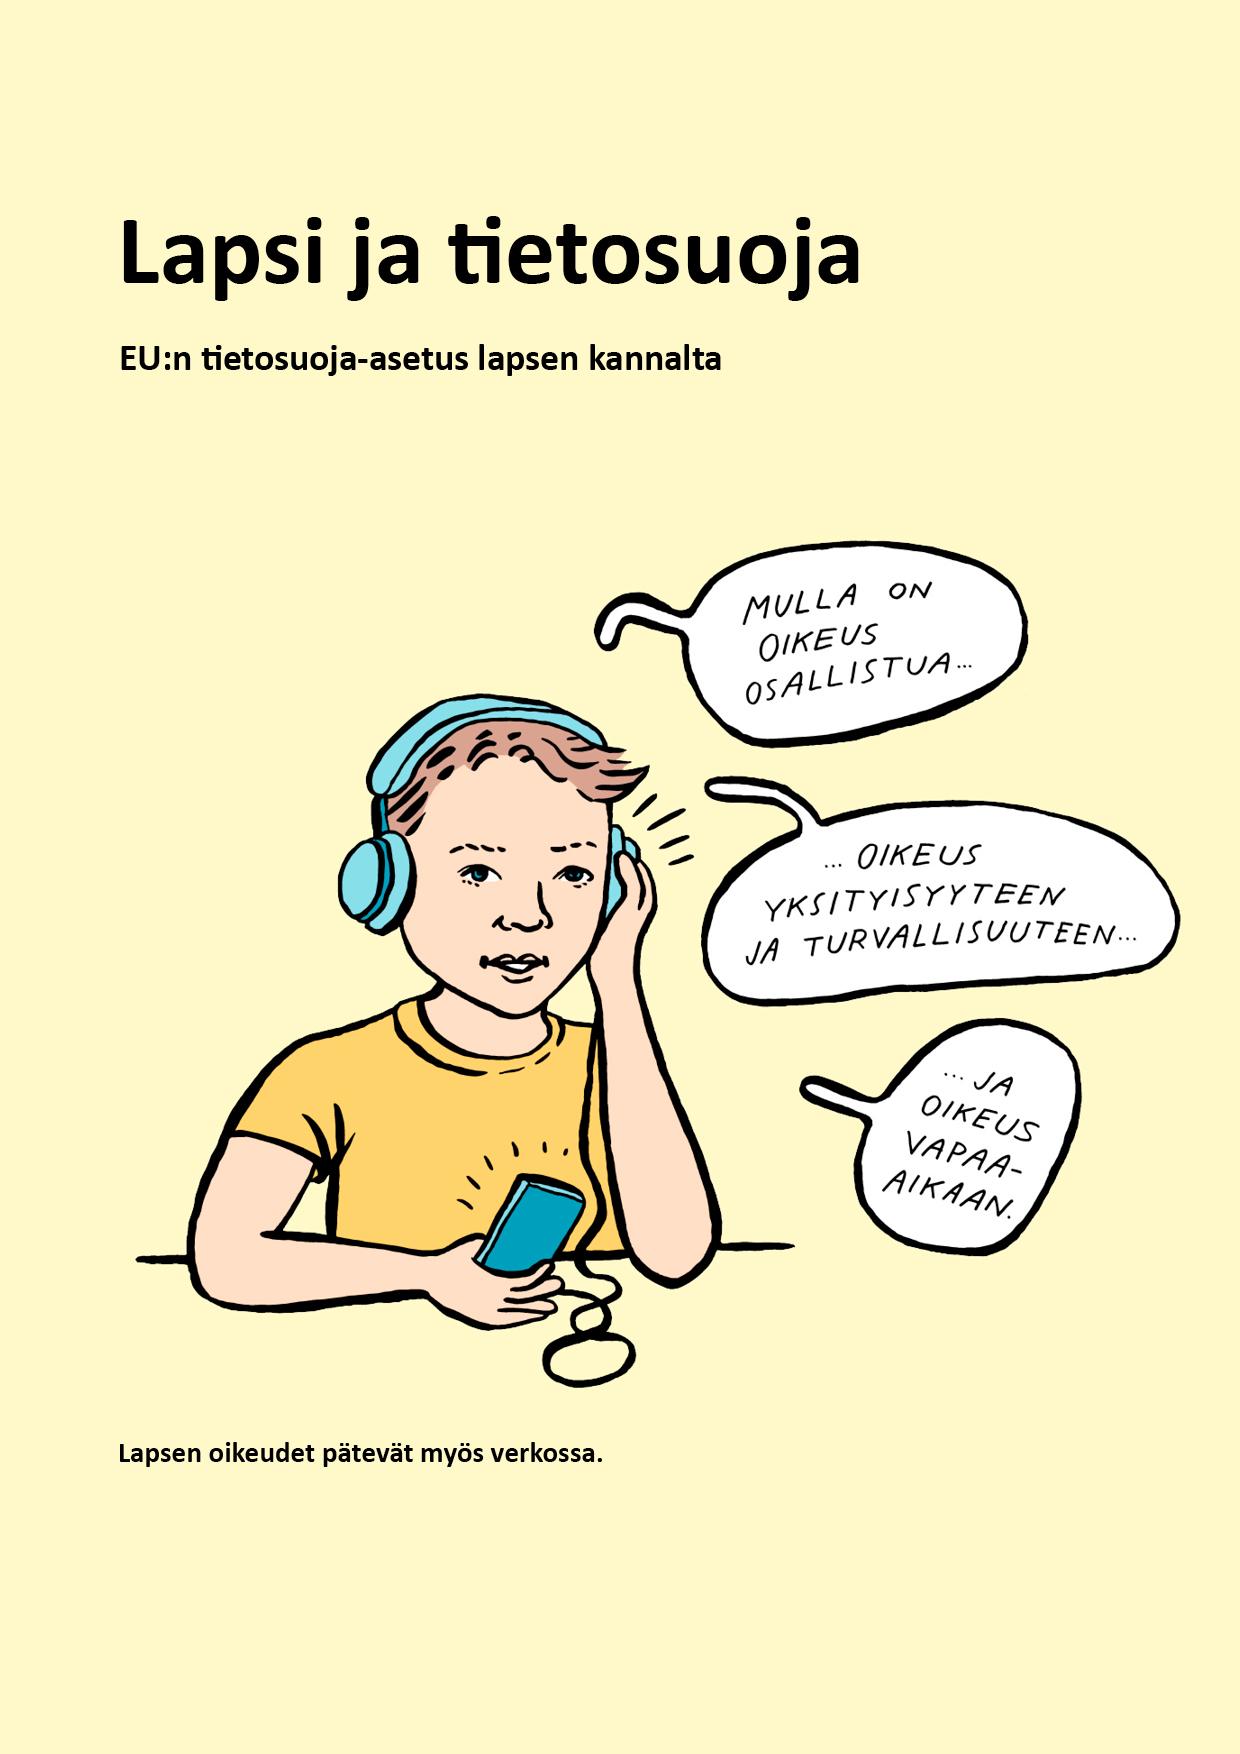 Lapsi verkossa: Lapsi ja tietosuoja. Lapsi verkossa -julkaisun selkokielinen tiivistelmä.